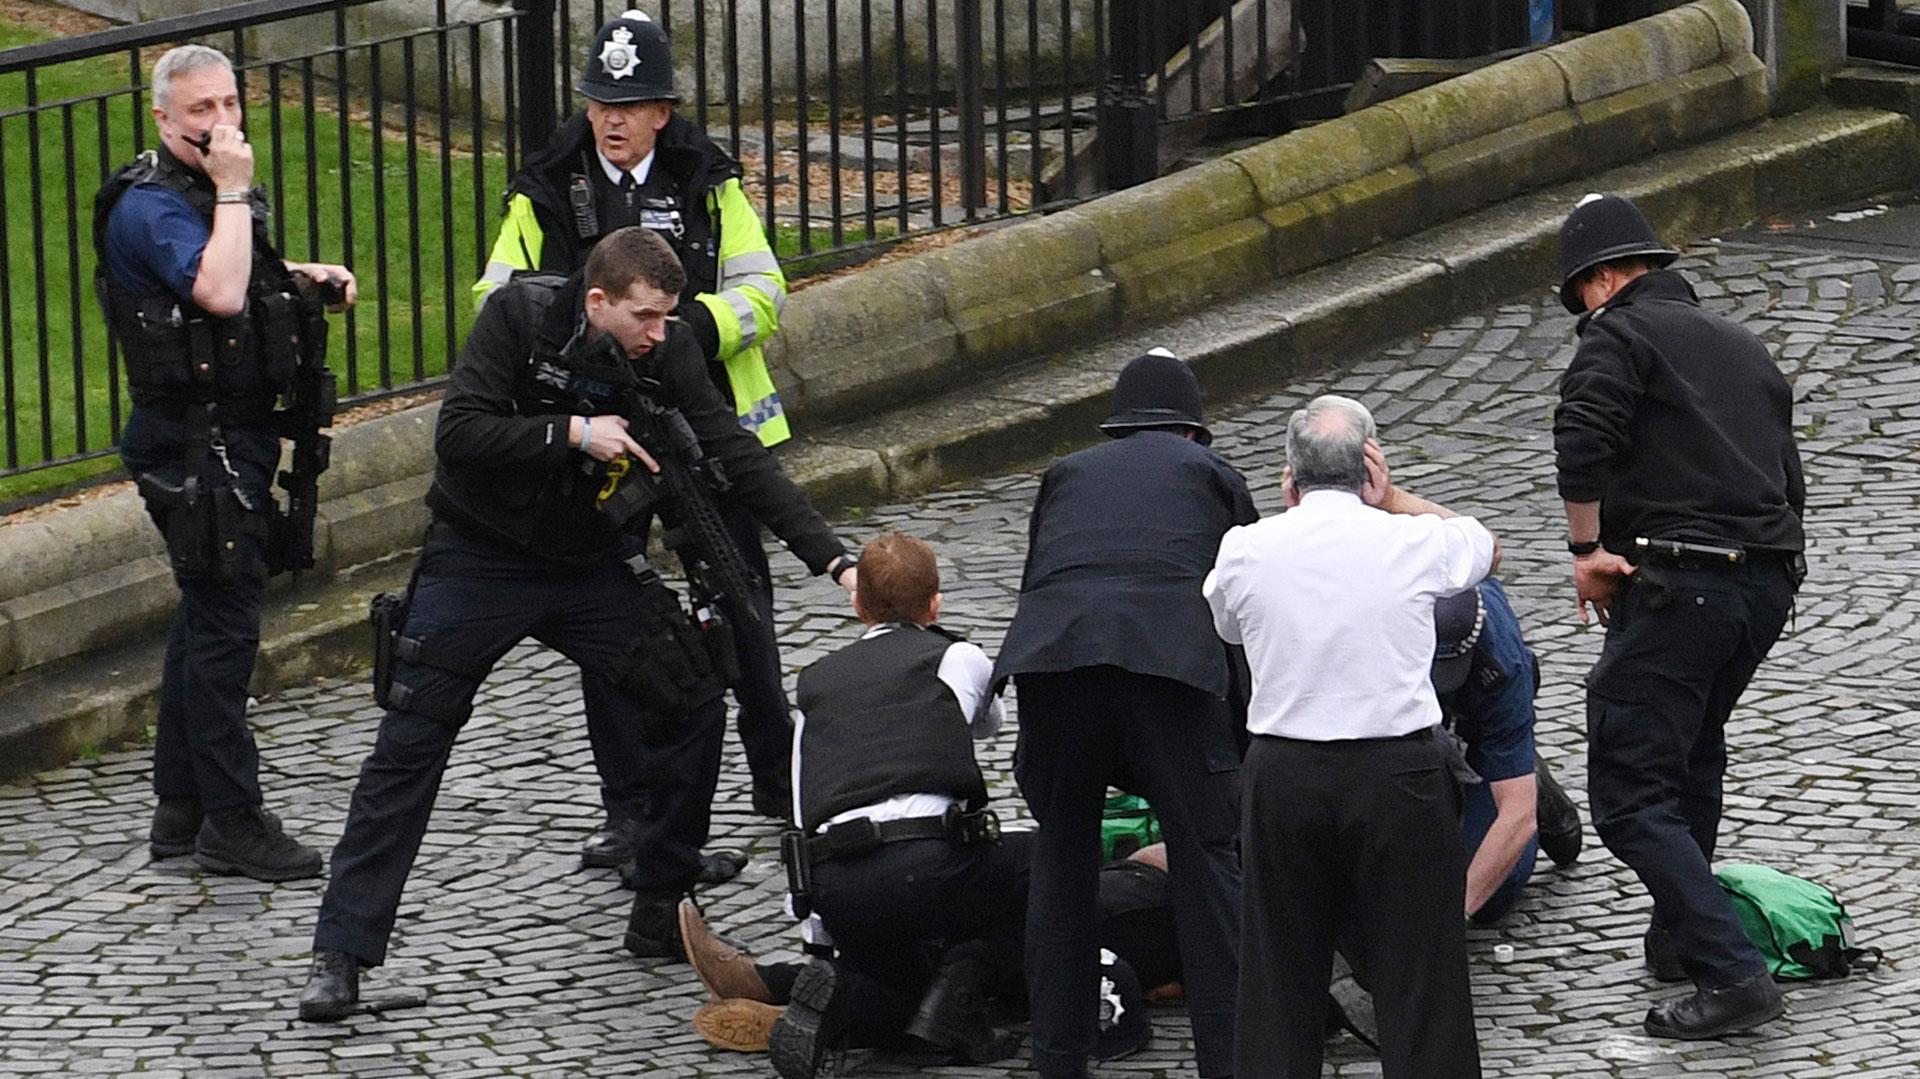 Un agente de la Policía Metropolitana neutraliza al agresor. Debajo de su pie, tiene el arma con la que el terrorista mató al agente que intentó detenerlo (AP)